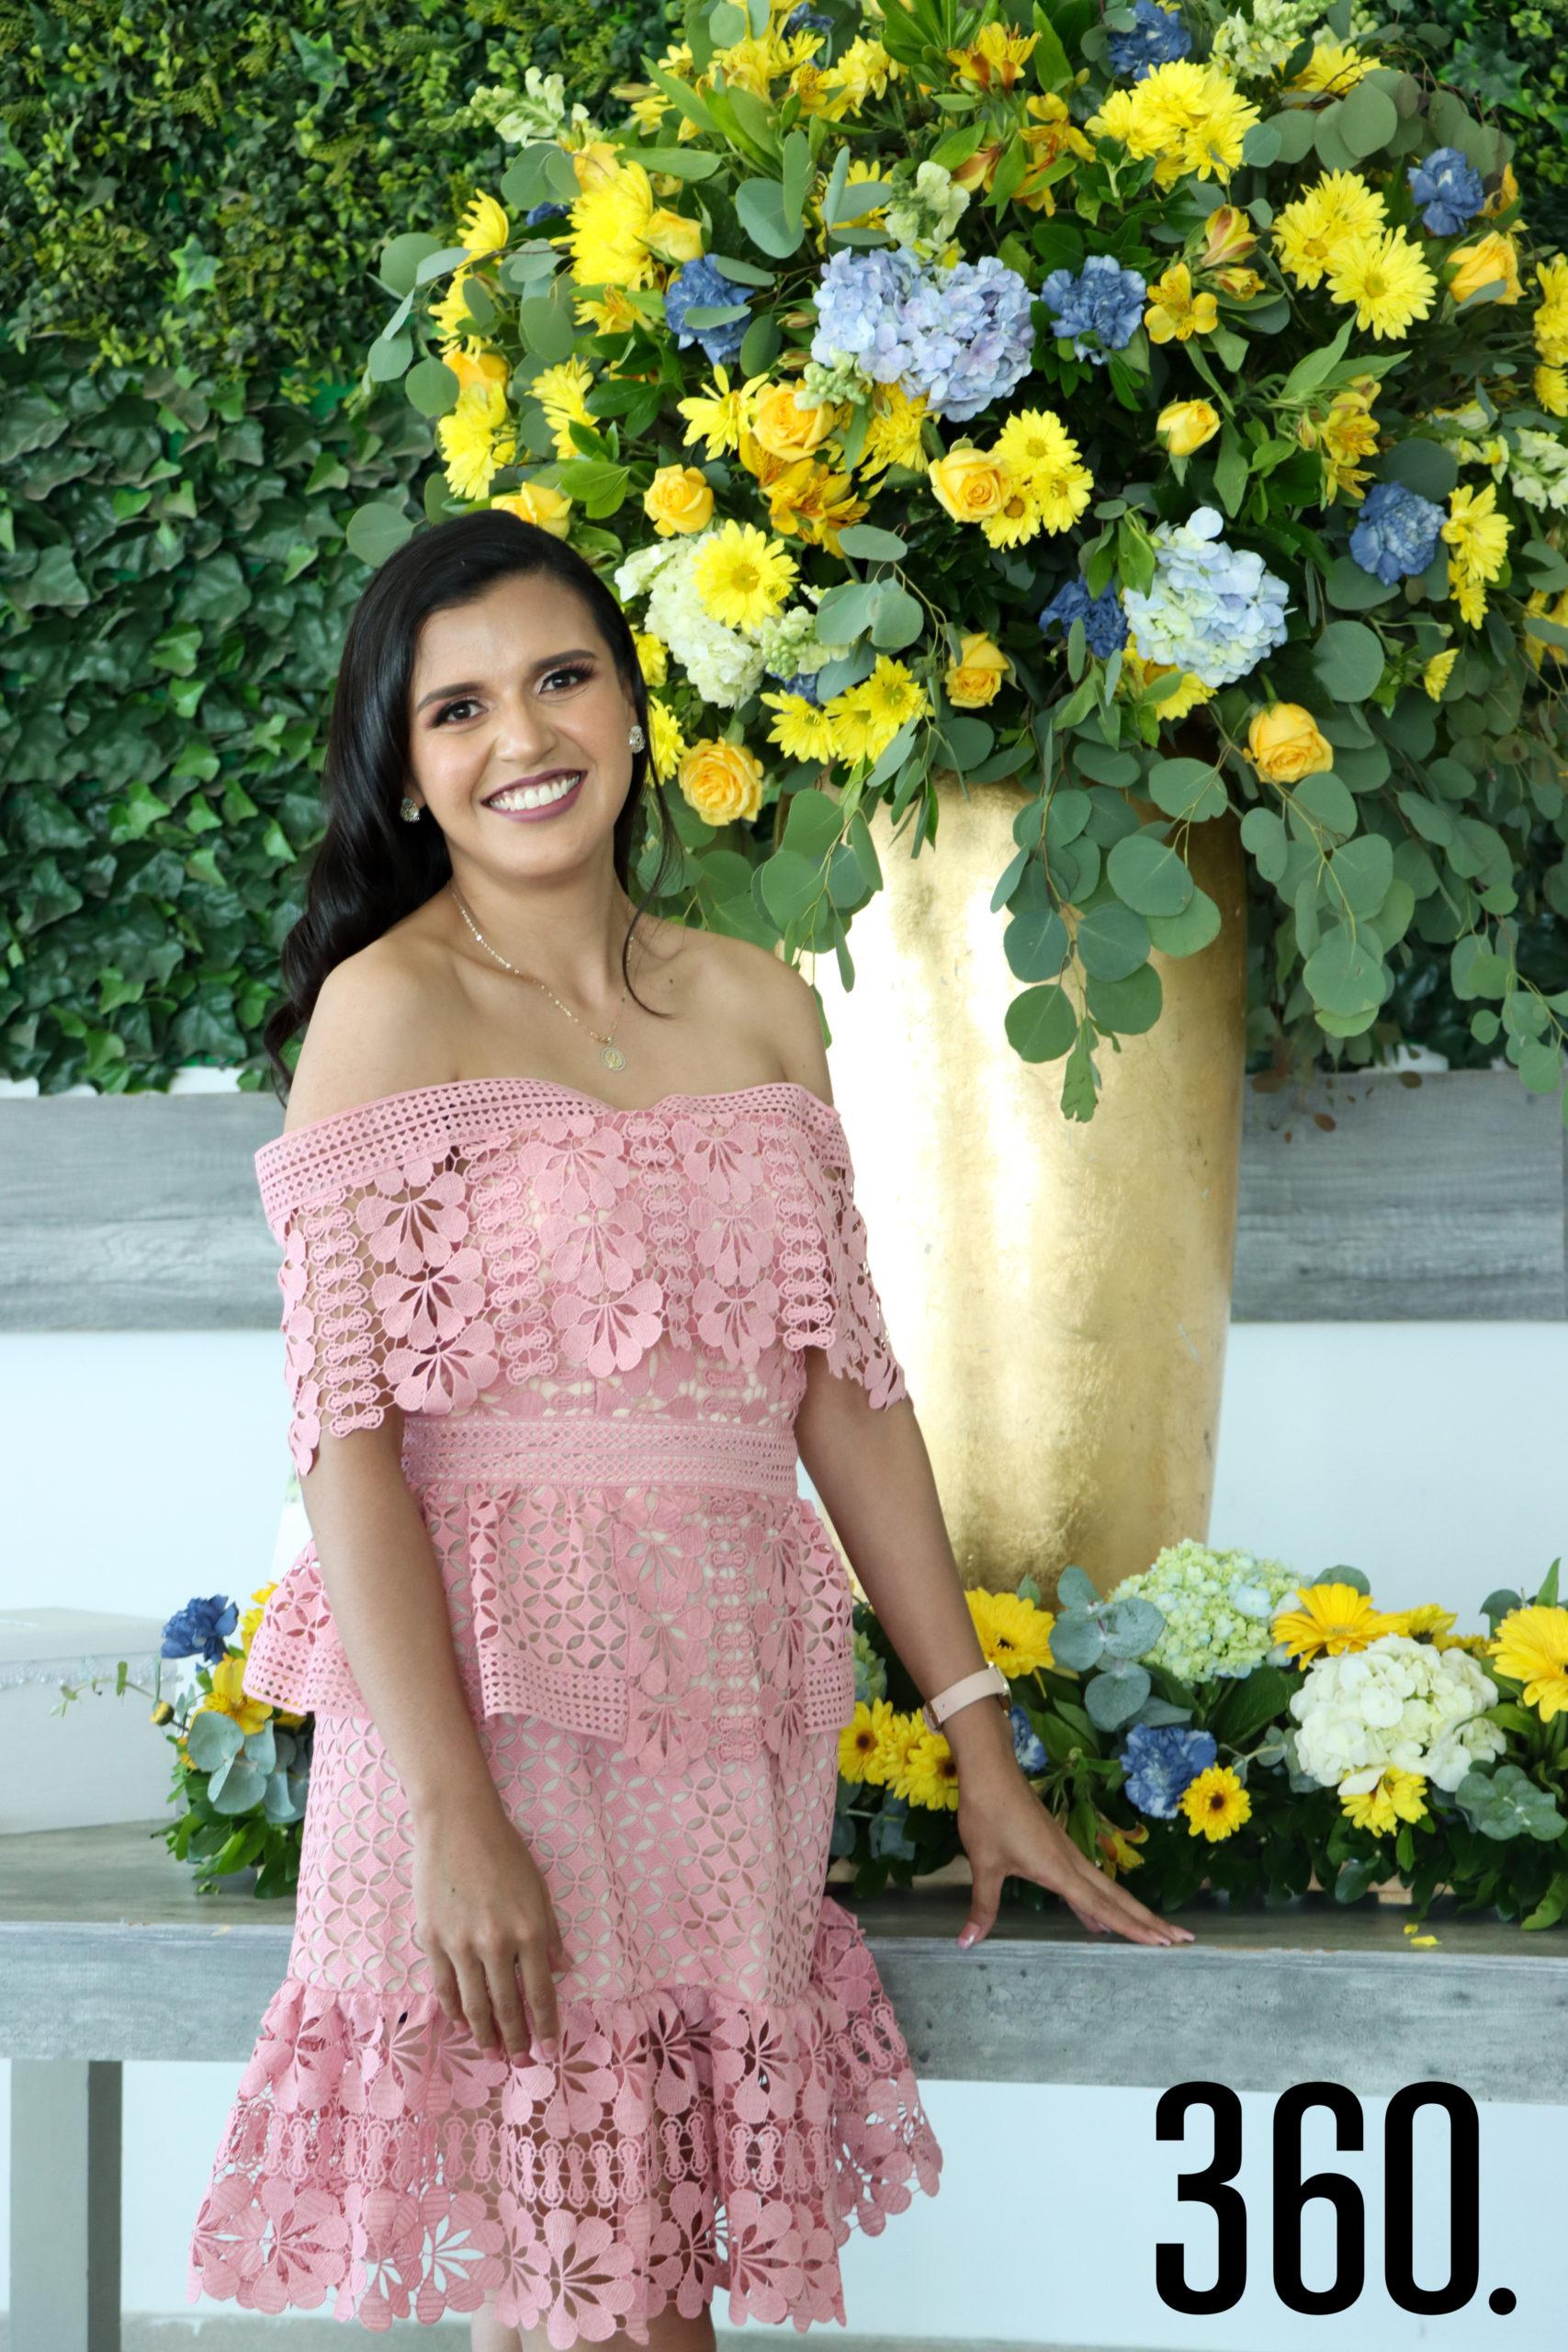 Sheila Mendoza.